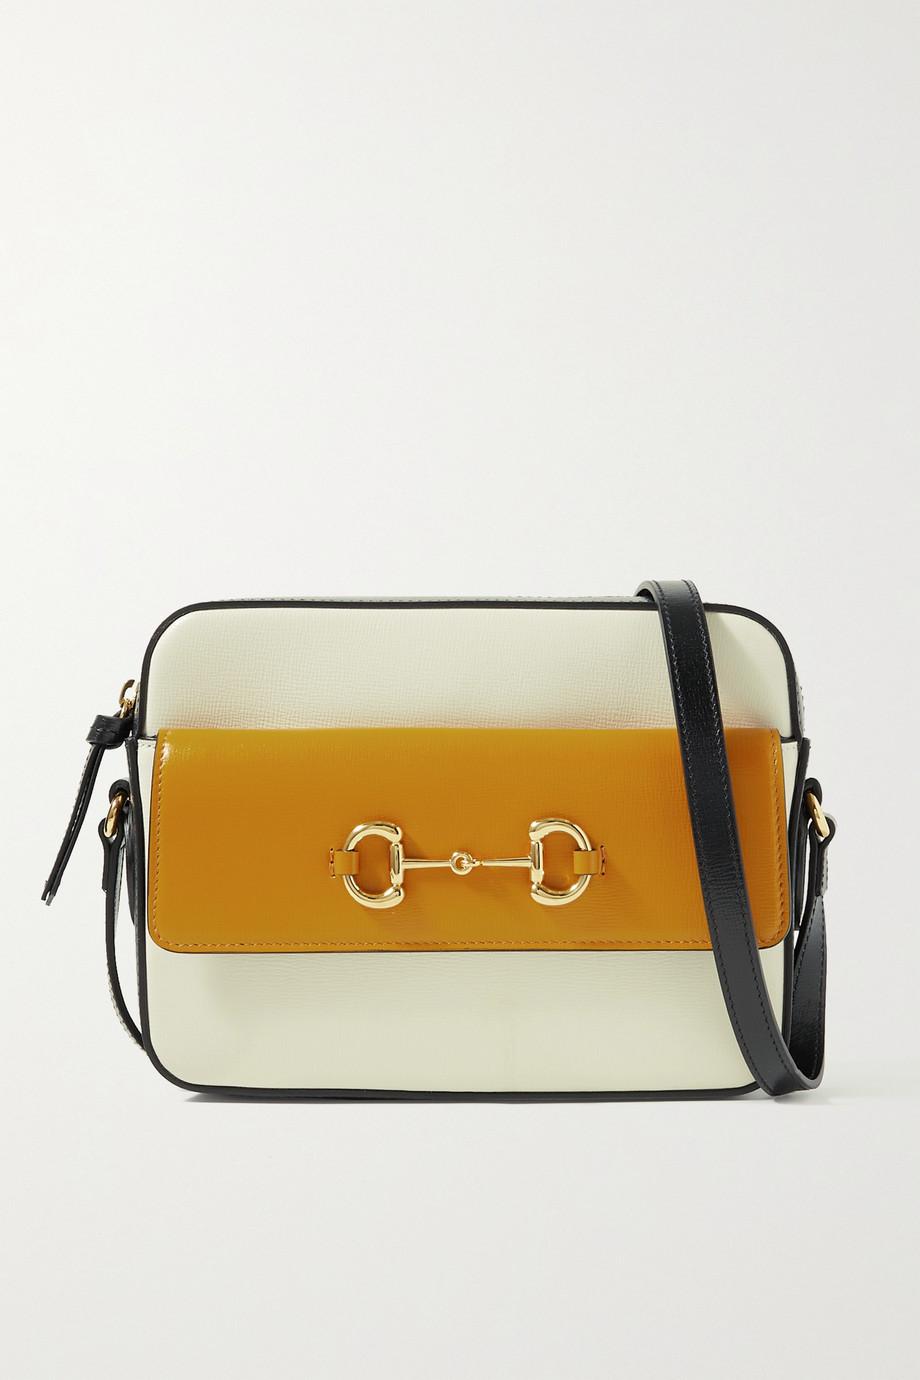 Gucci Horsebit 1955 small color-block leather shoulder bag